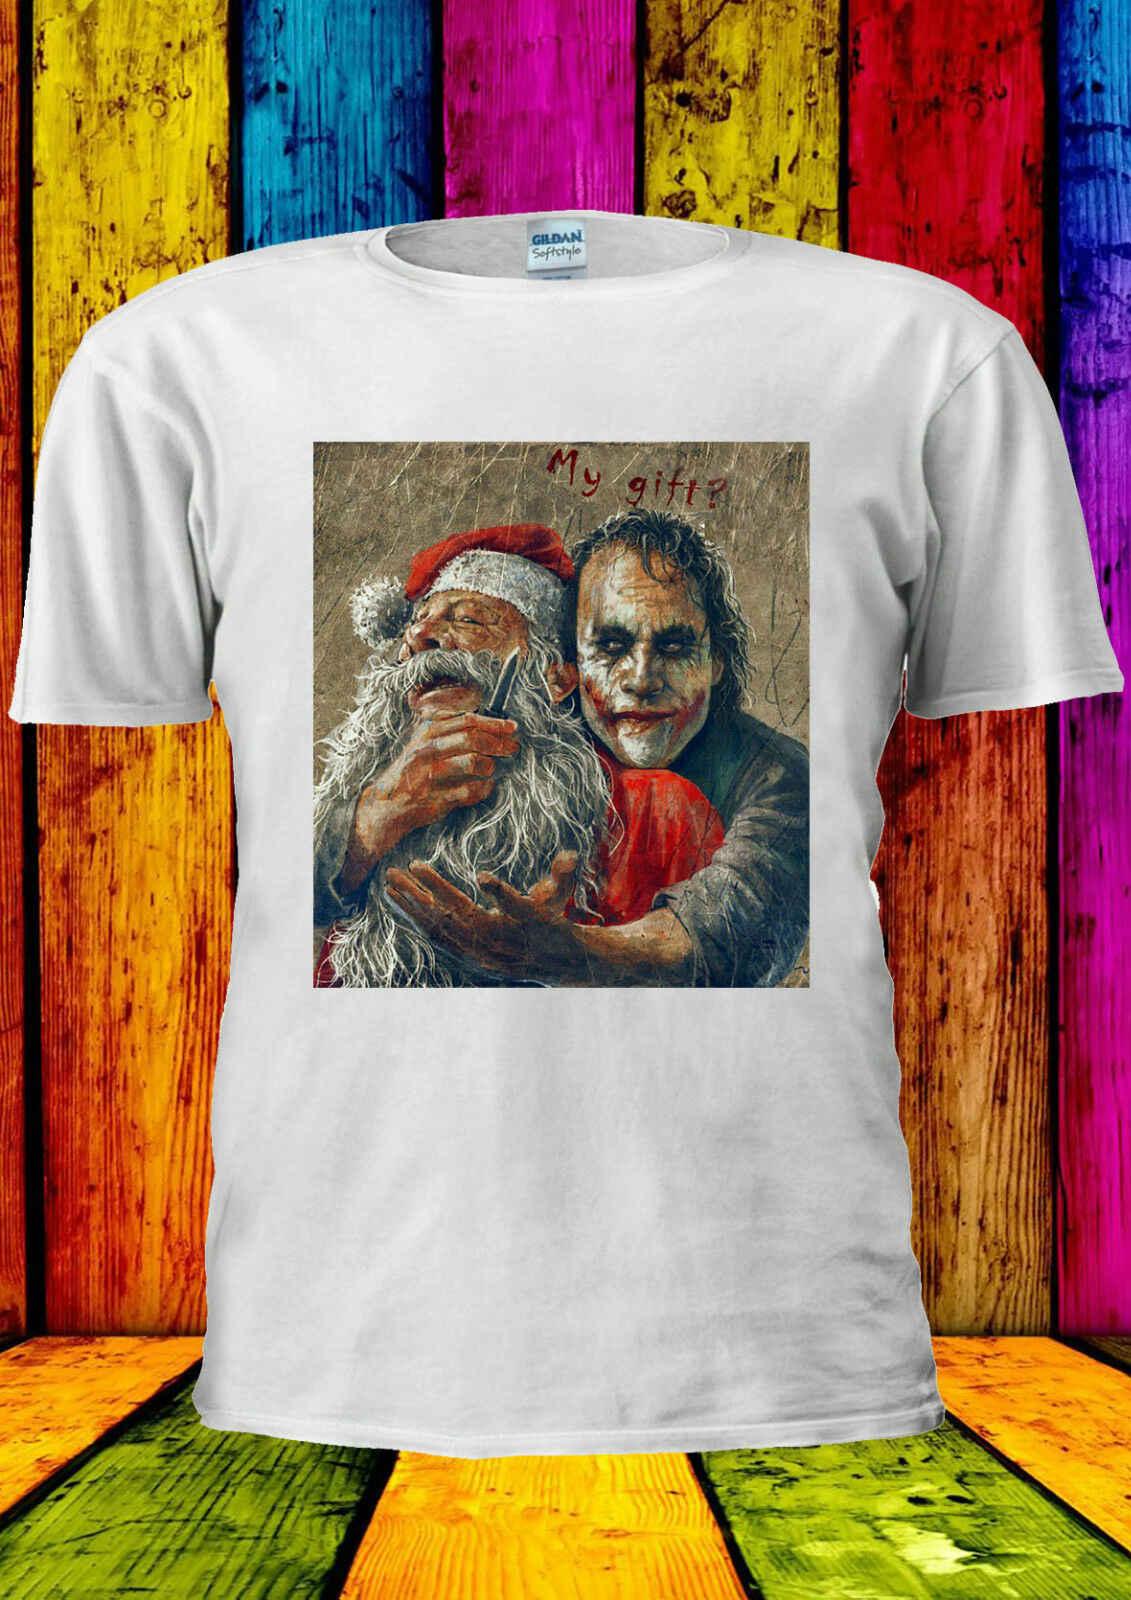 Джокер Хит Леджер Санта Клаус футболка для мужчин и женщин унисекс 2253 Повседневная принтованная футболка, хип хоп забавная футболка